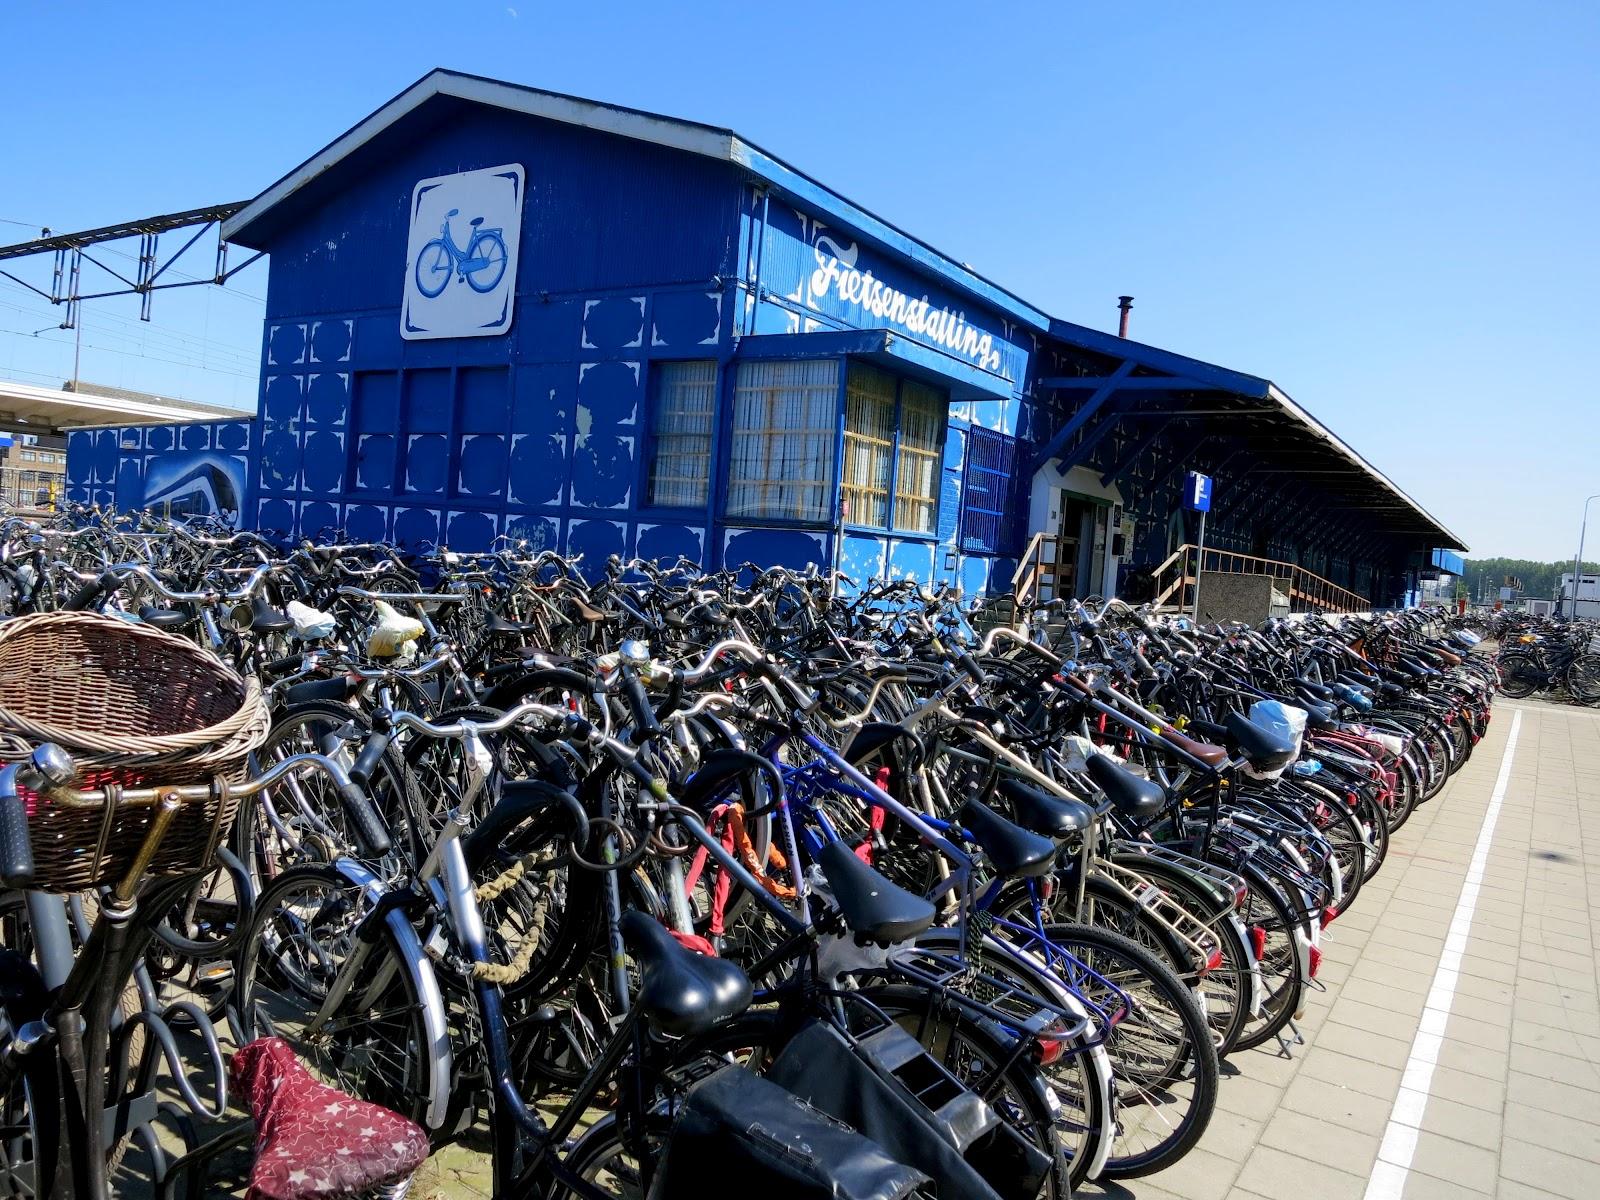 ... オランダと聞くと自転車となる